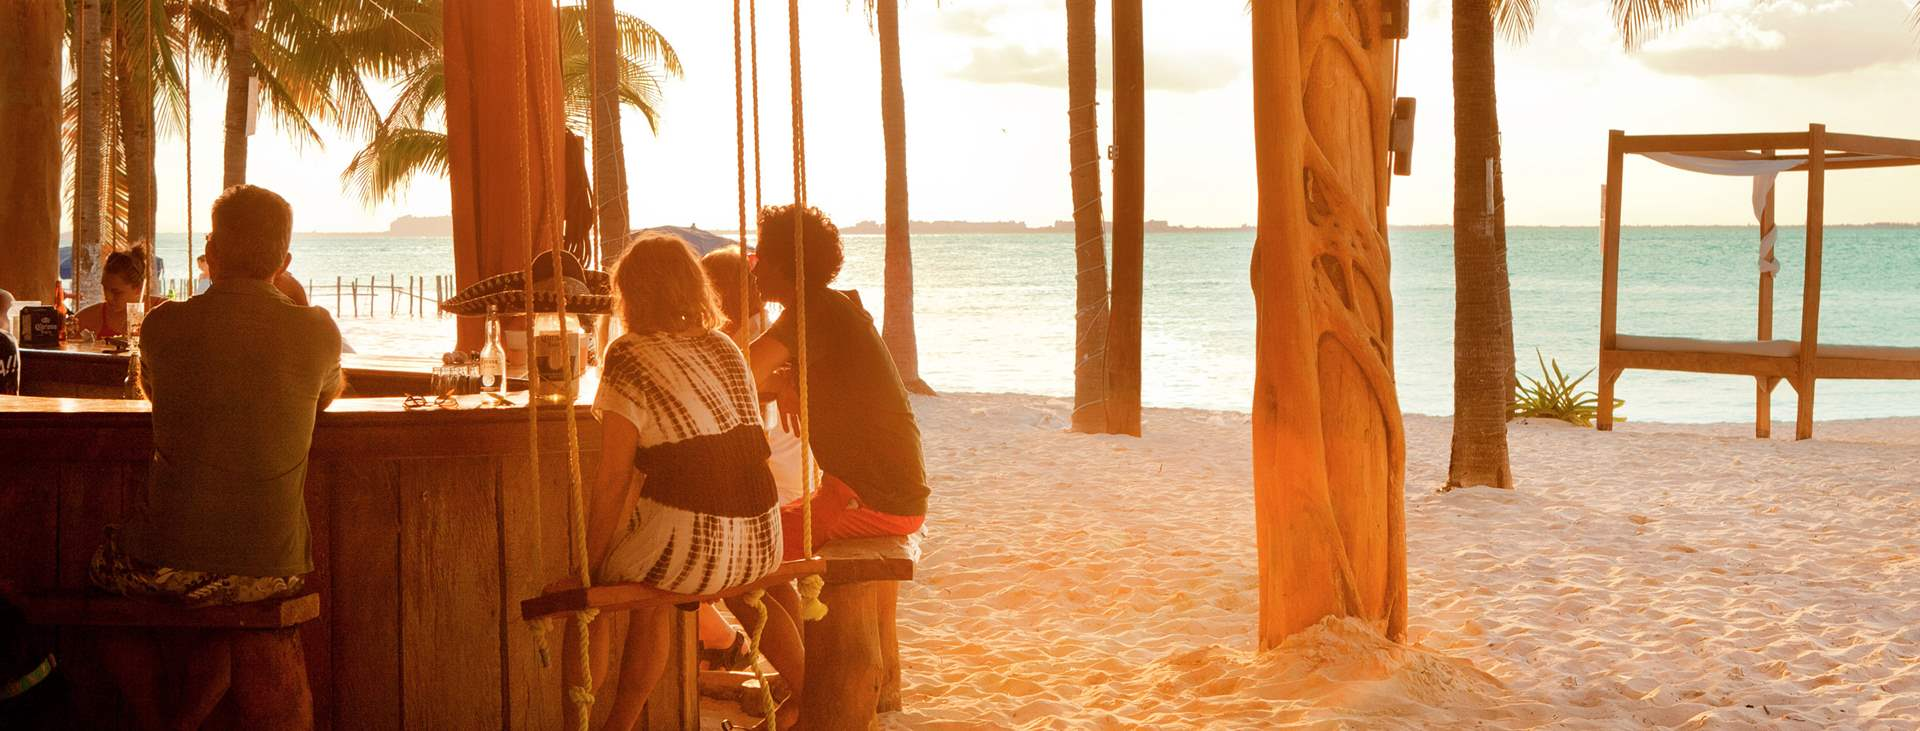 Drömmen om Karibien - boka din resa hos Ving